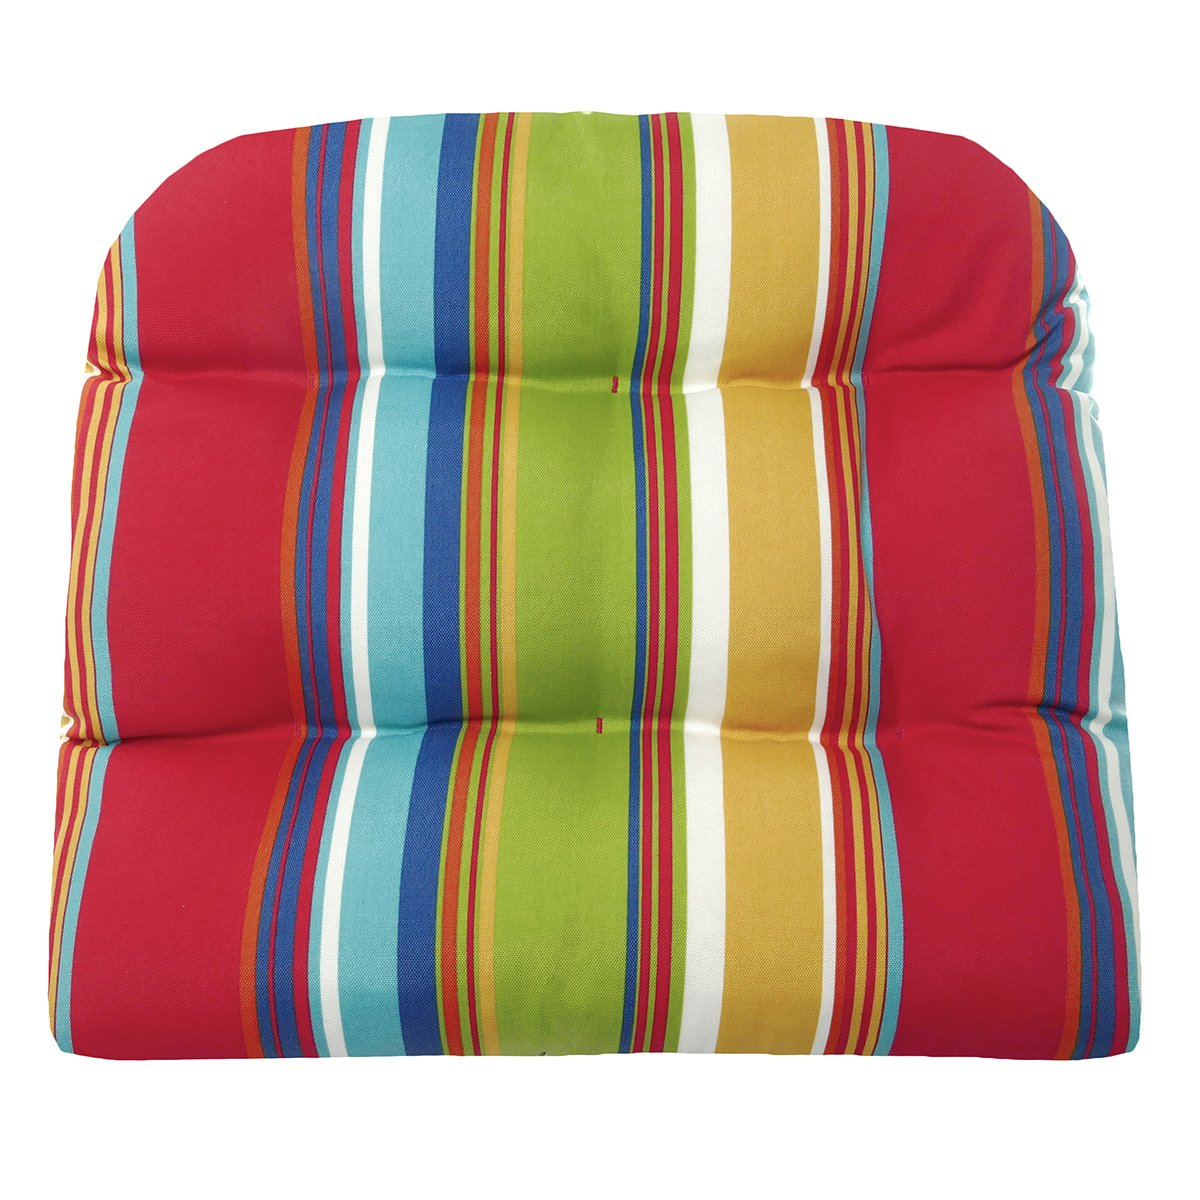 Westport cabana stripe red indoor outdoor dining chair pads